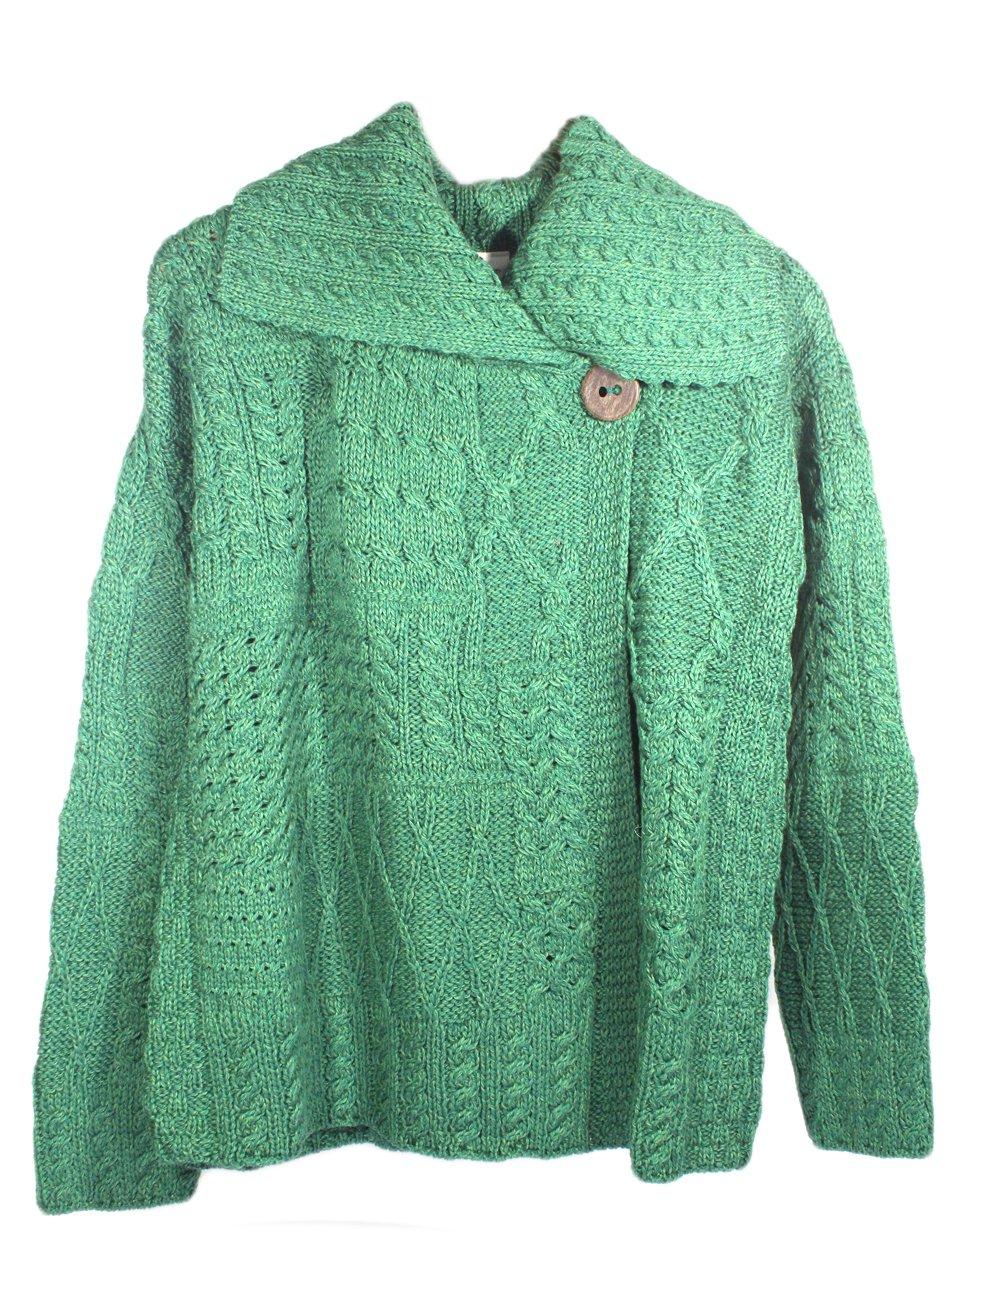 Carraig Donn Ladies Patchwork Cardigan, Kiwi Green A313